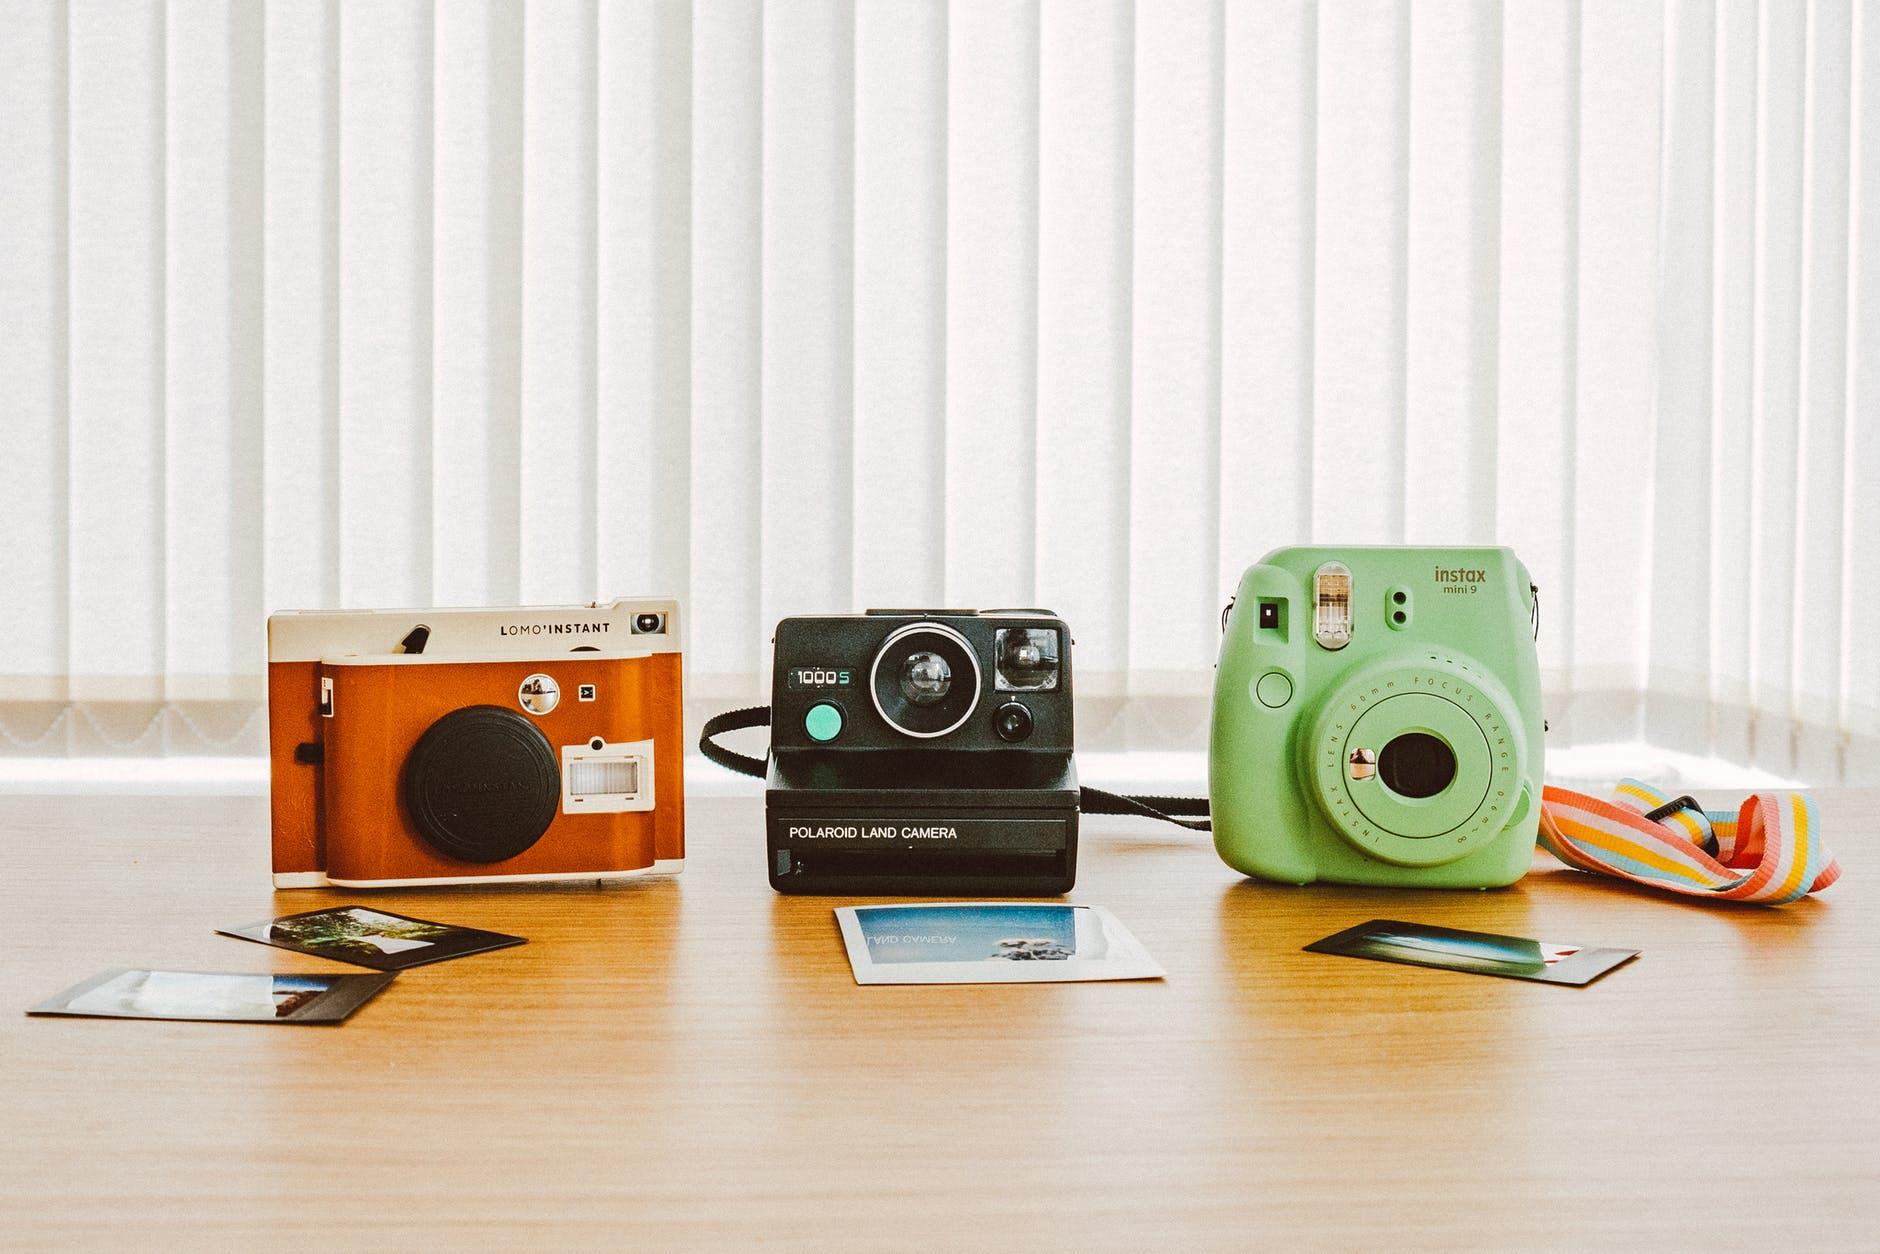 האם ניתן להרוויח כסף בבנק תמונות?